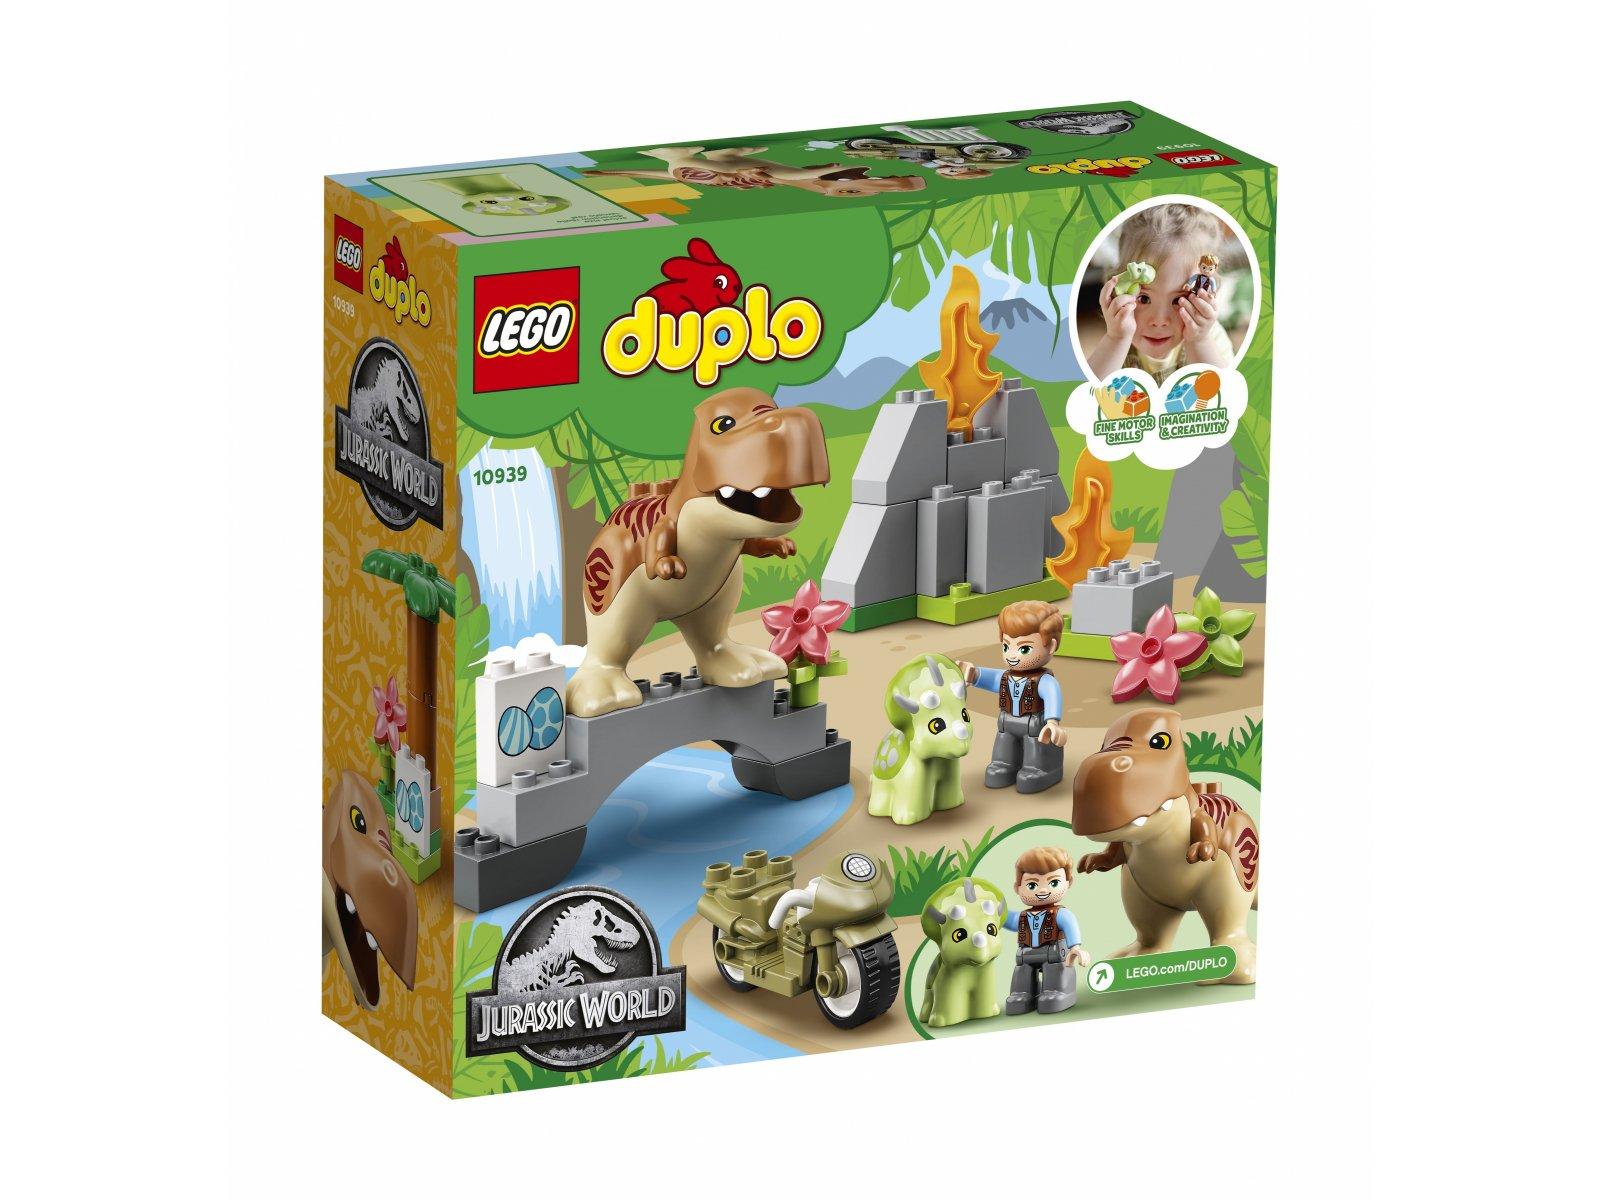 LEGO 10939 Jurassic World Ucieczka tyranozaura i triceratopsa